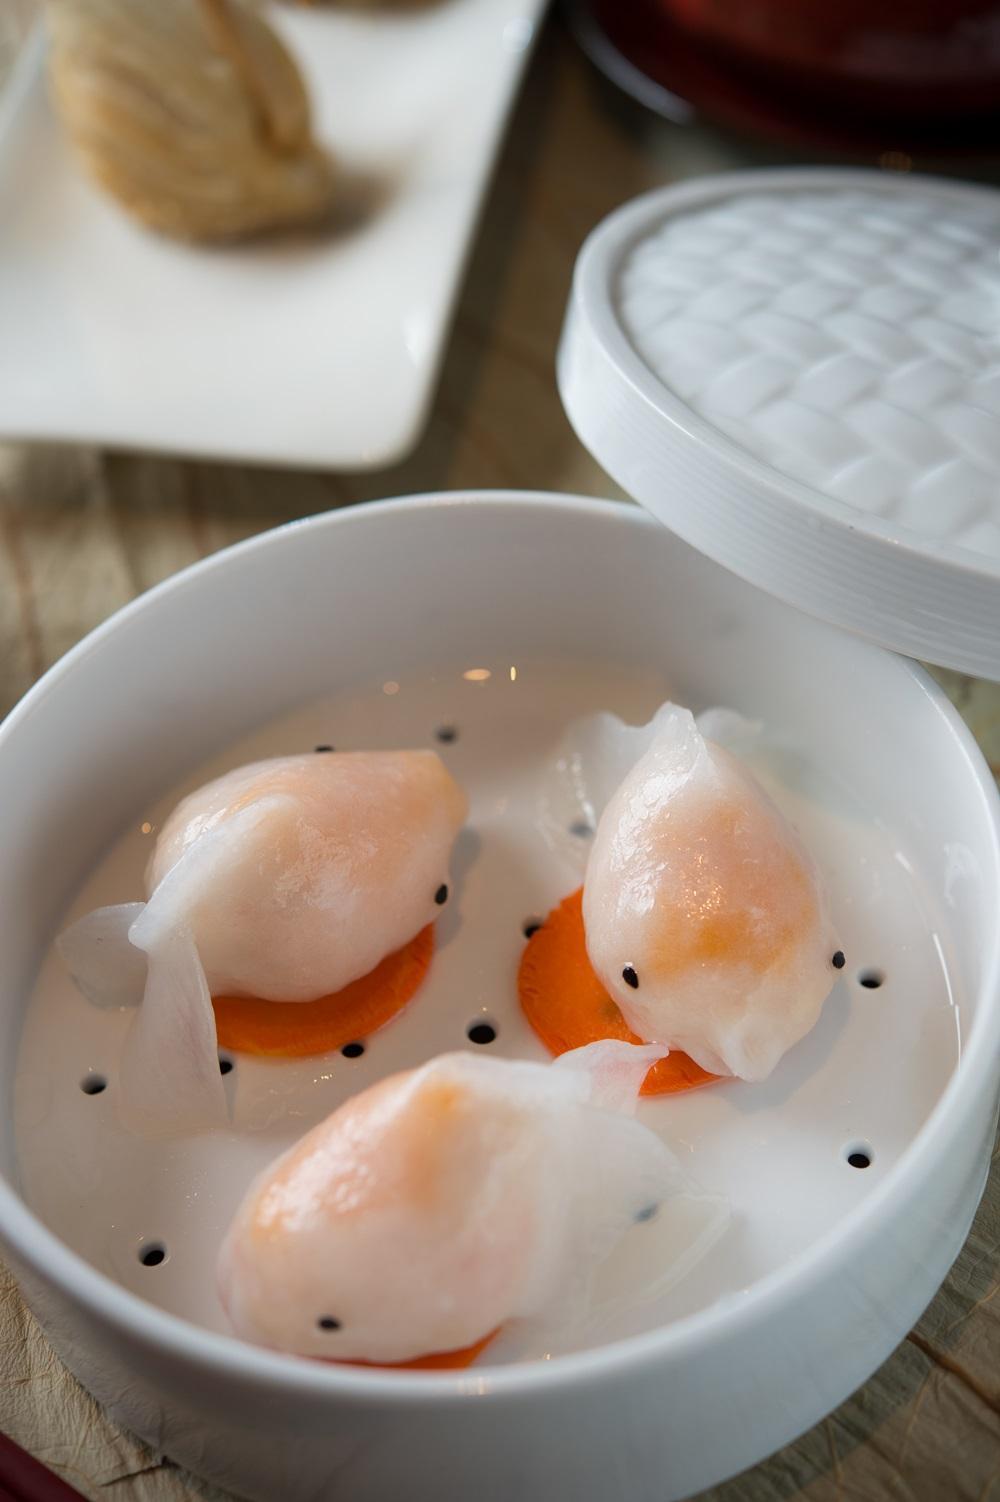 「鮮蝦金魚餃」內餡除既有的草蝦和蝦漿外,刻意加上澎湖新鮮飛魚卵,讓蒸熟上桌的金魚餃,通體紅潤,造型更逼真。(180元/份,午餐供應)